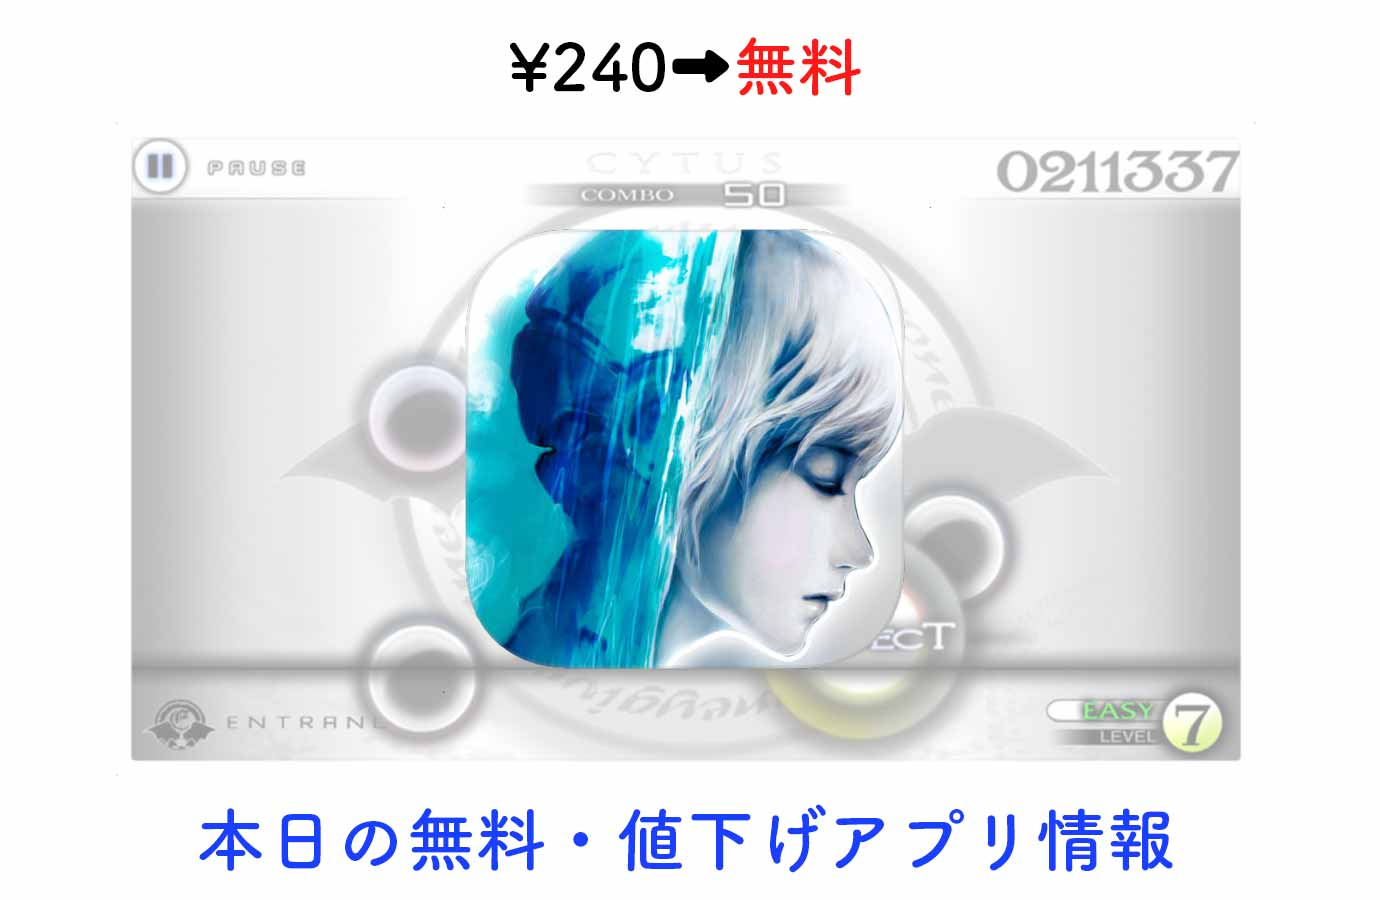 ¥240→無料、美しいグラフィックも特徴の人気音ゲー「Cytus」など【9/8】本日の無料・値下げアプリ情報